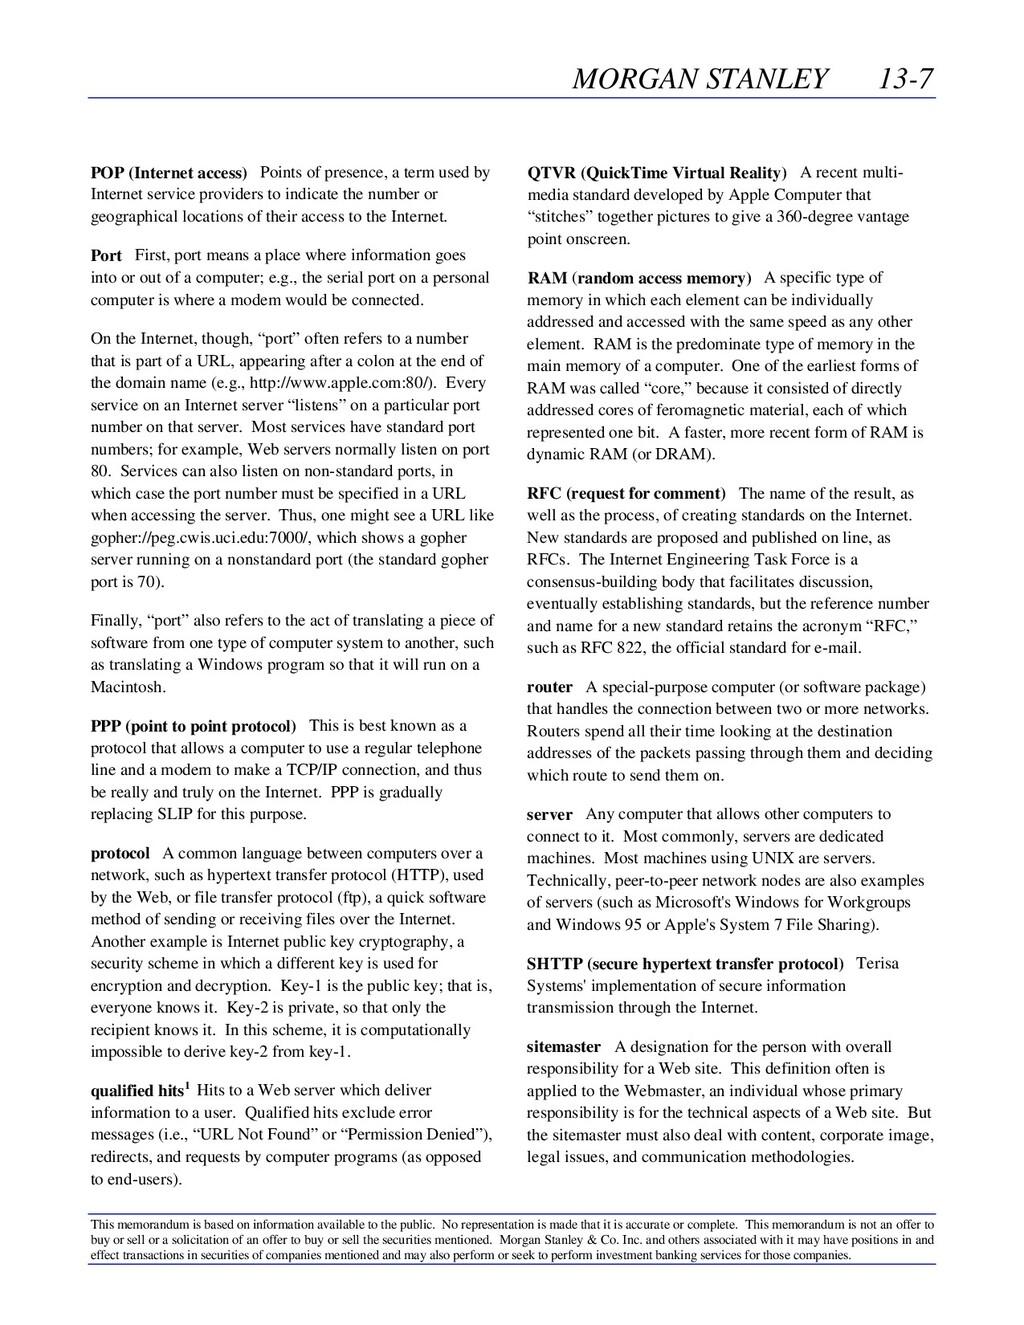 MORGAN STANLEY 13-7 This memorandum is based on...